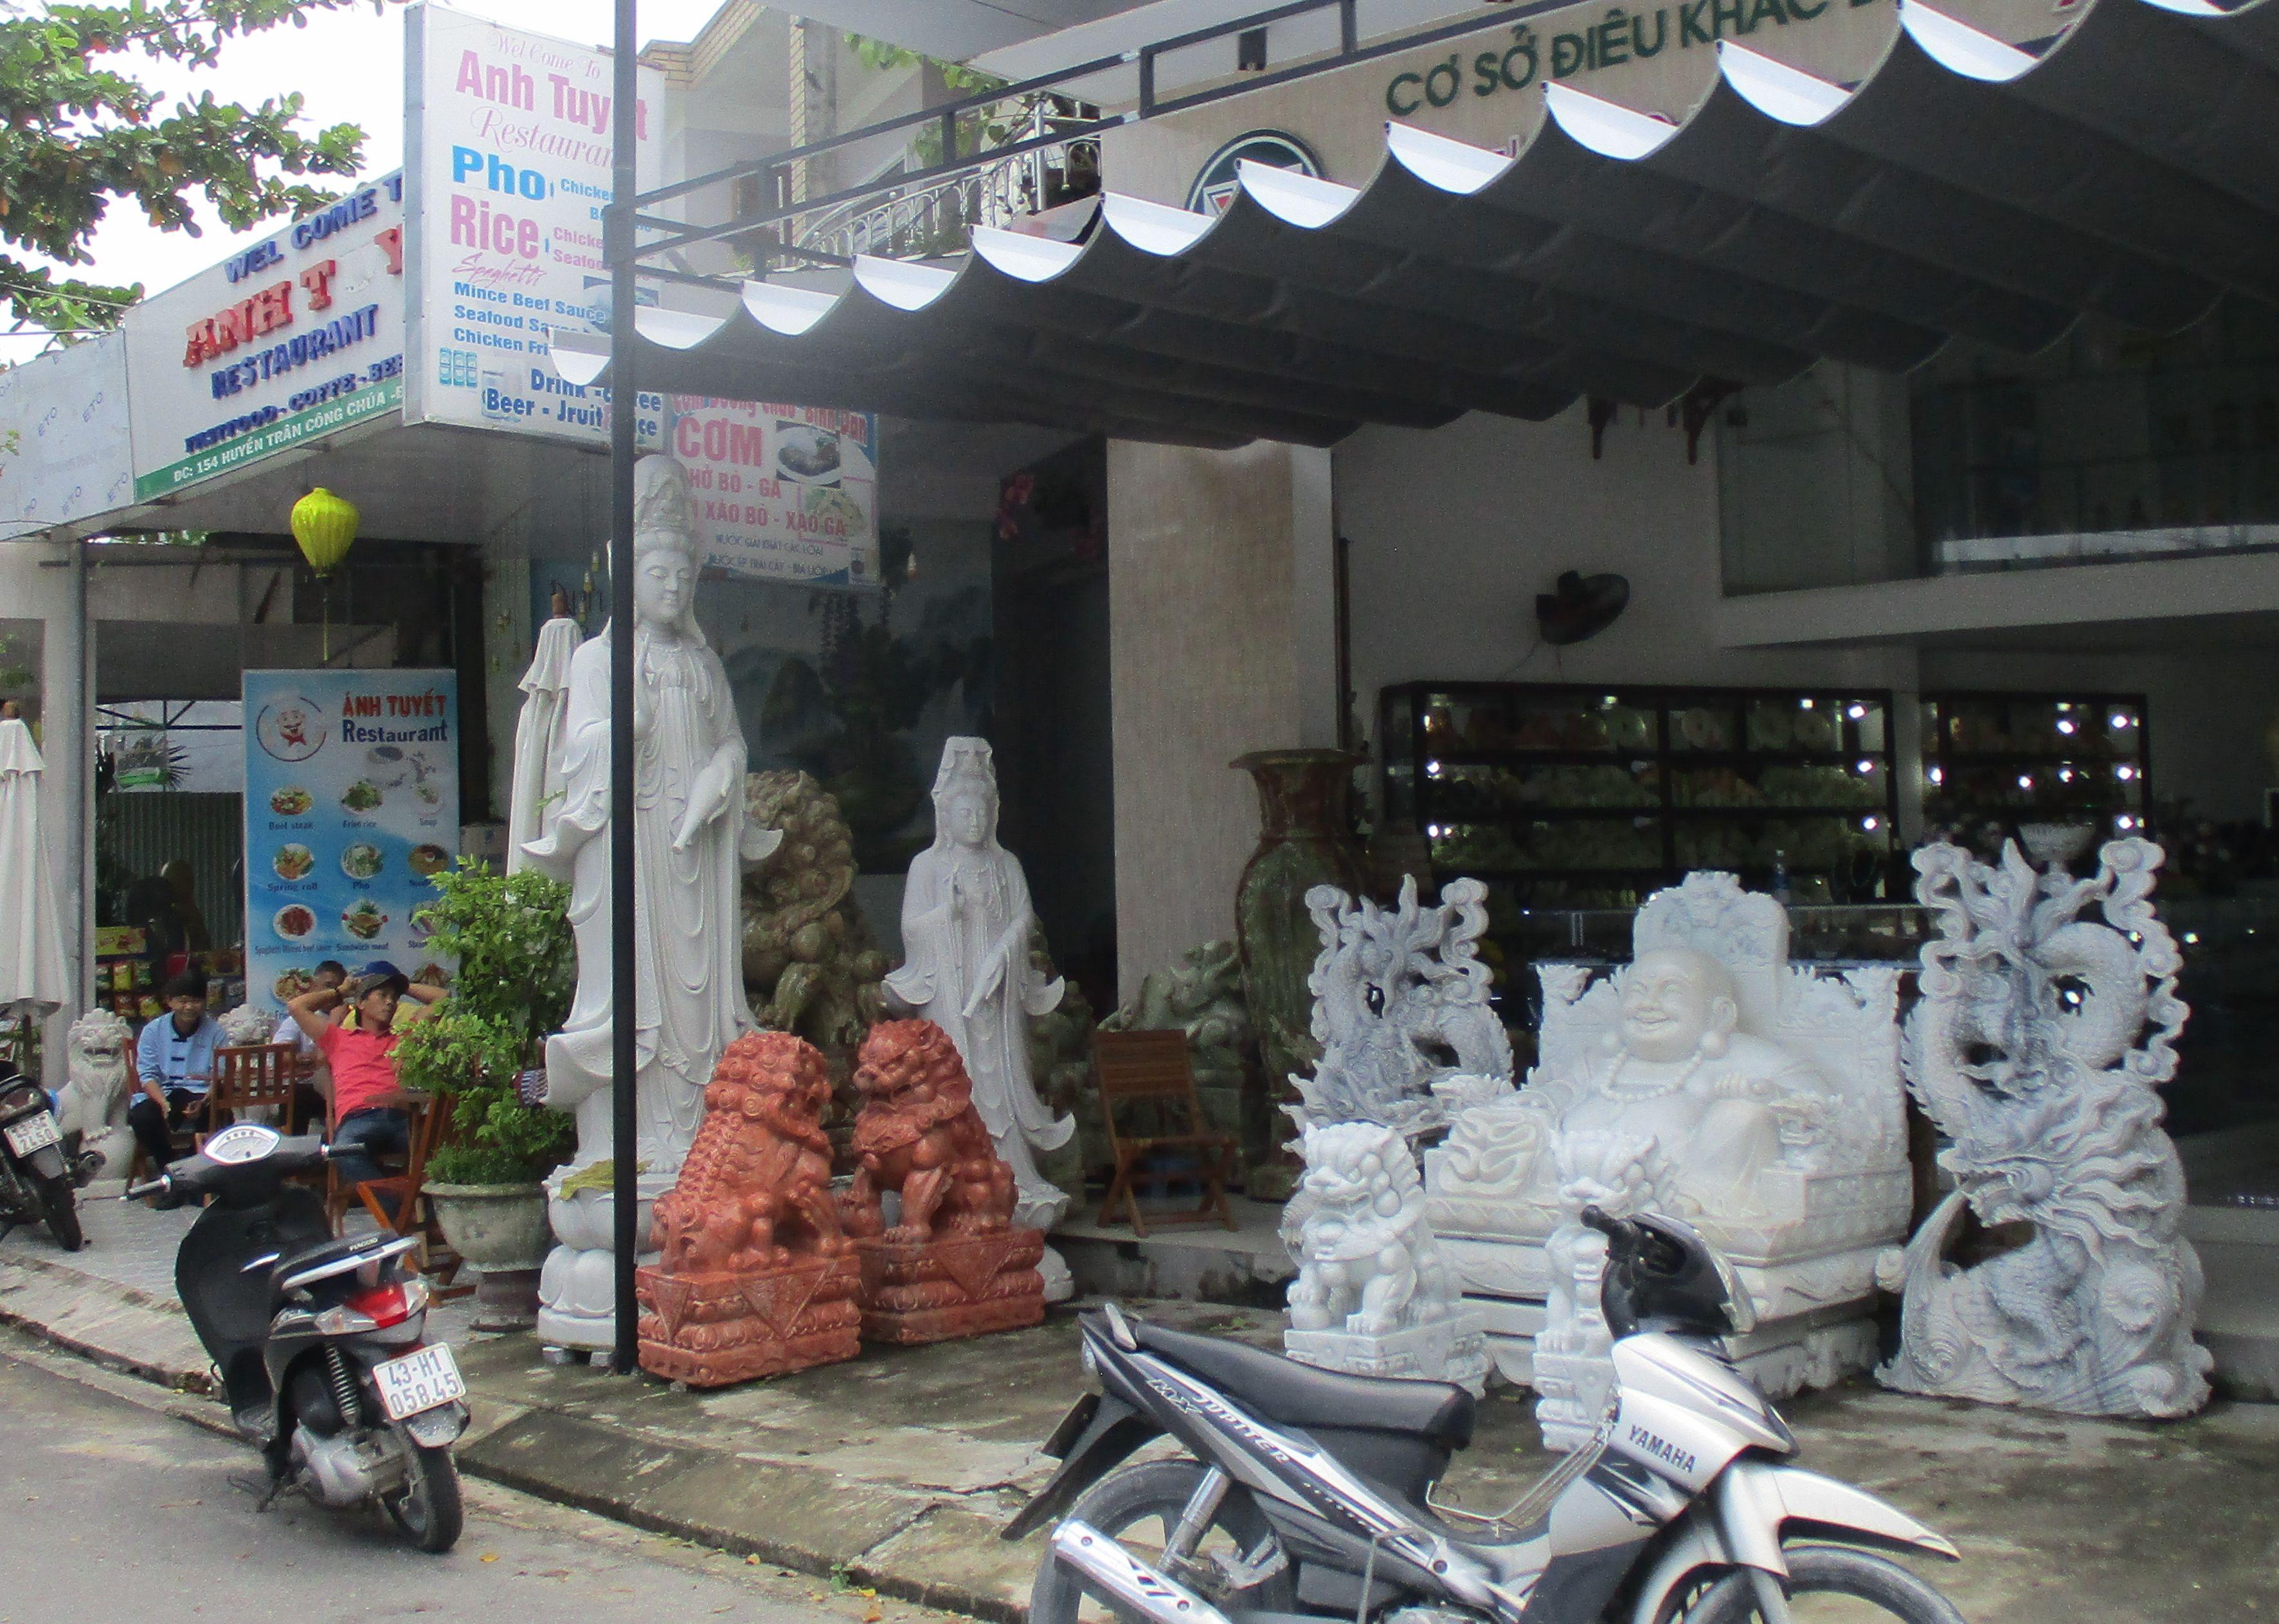 Две фигури на Жената Буда (вляво), произведени от майсторите в Мраморното село, очакват купувачи наред с други изделия в магазинче за туристи в Мраморното село. Снимка: Къдринка Къдринова